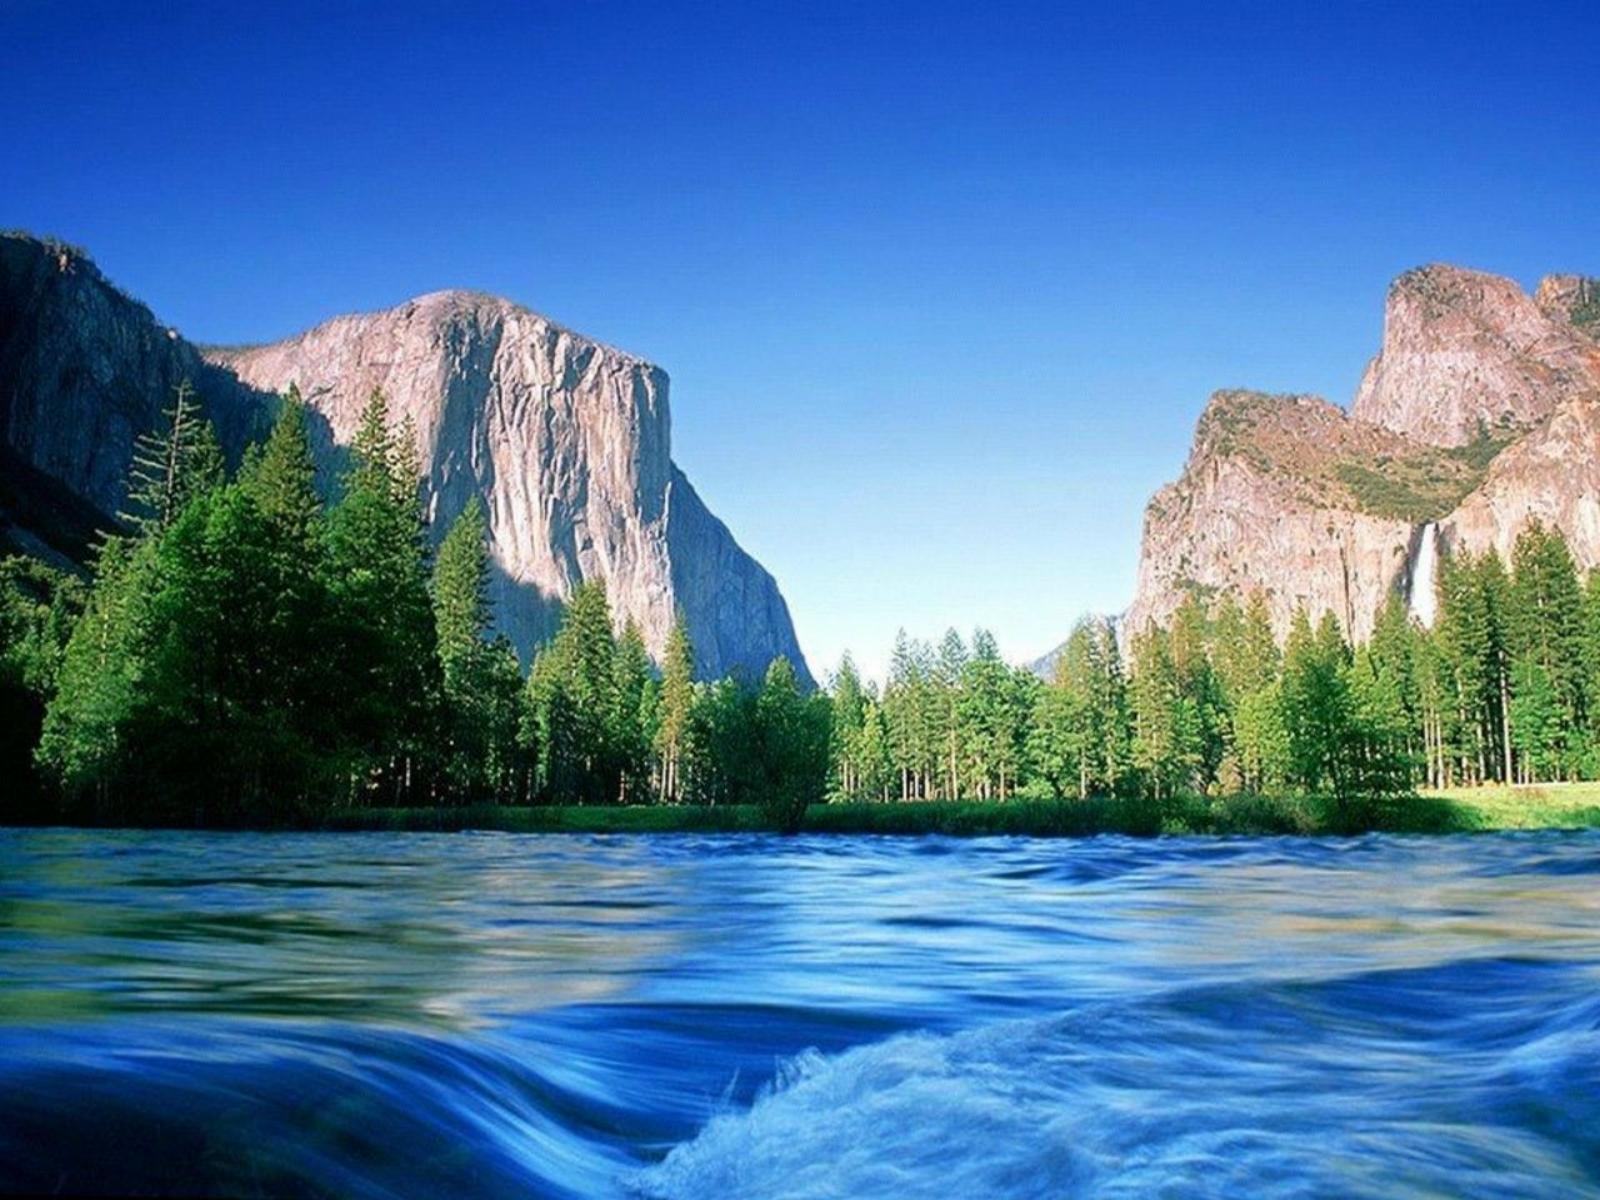 River nature cool desktop background widescreen wallpaper   HD 1600x1200